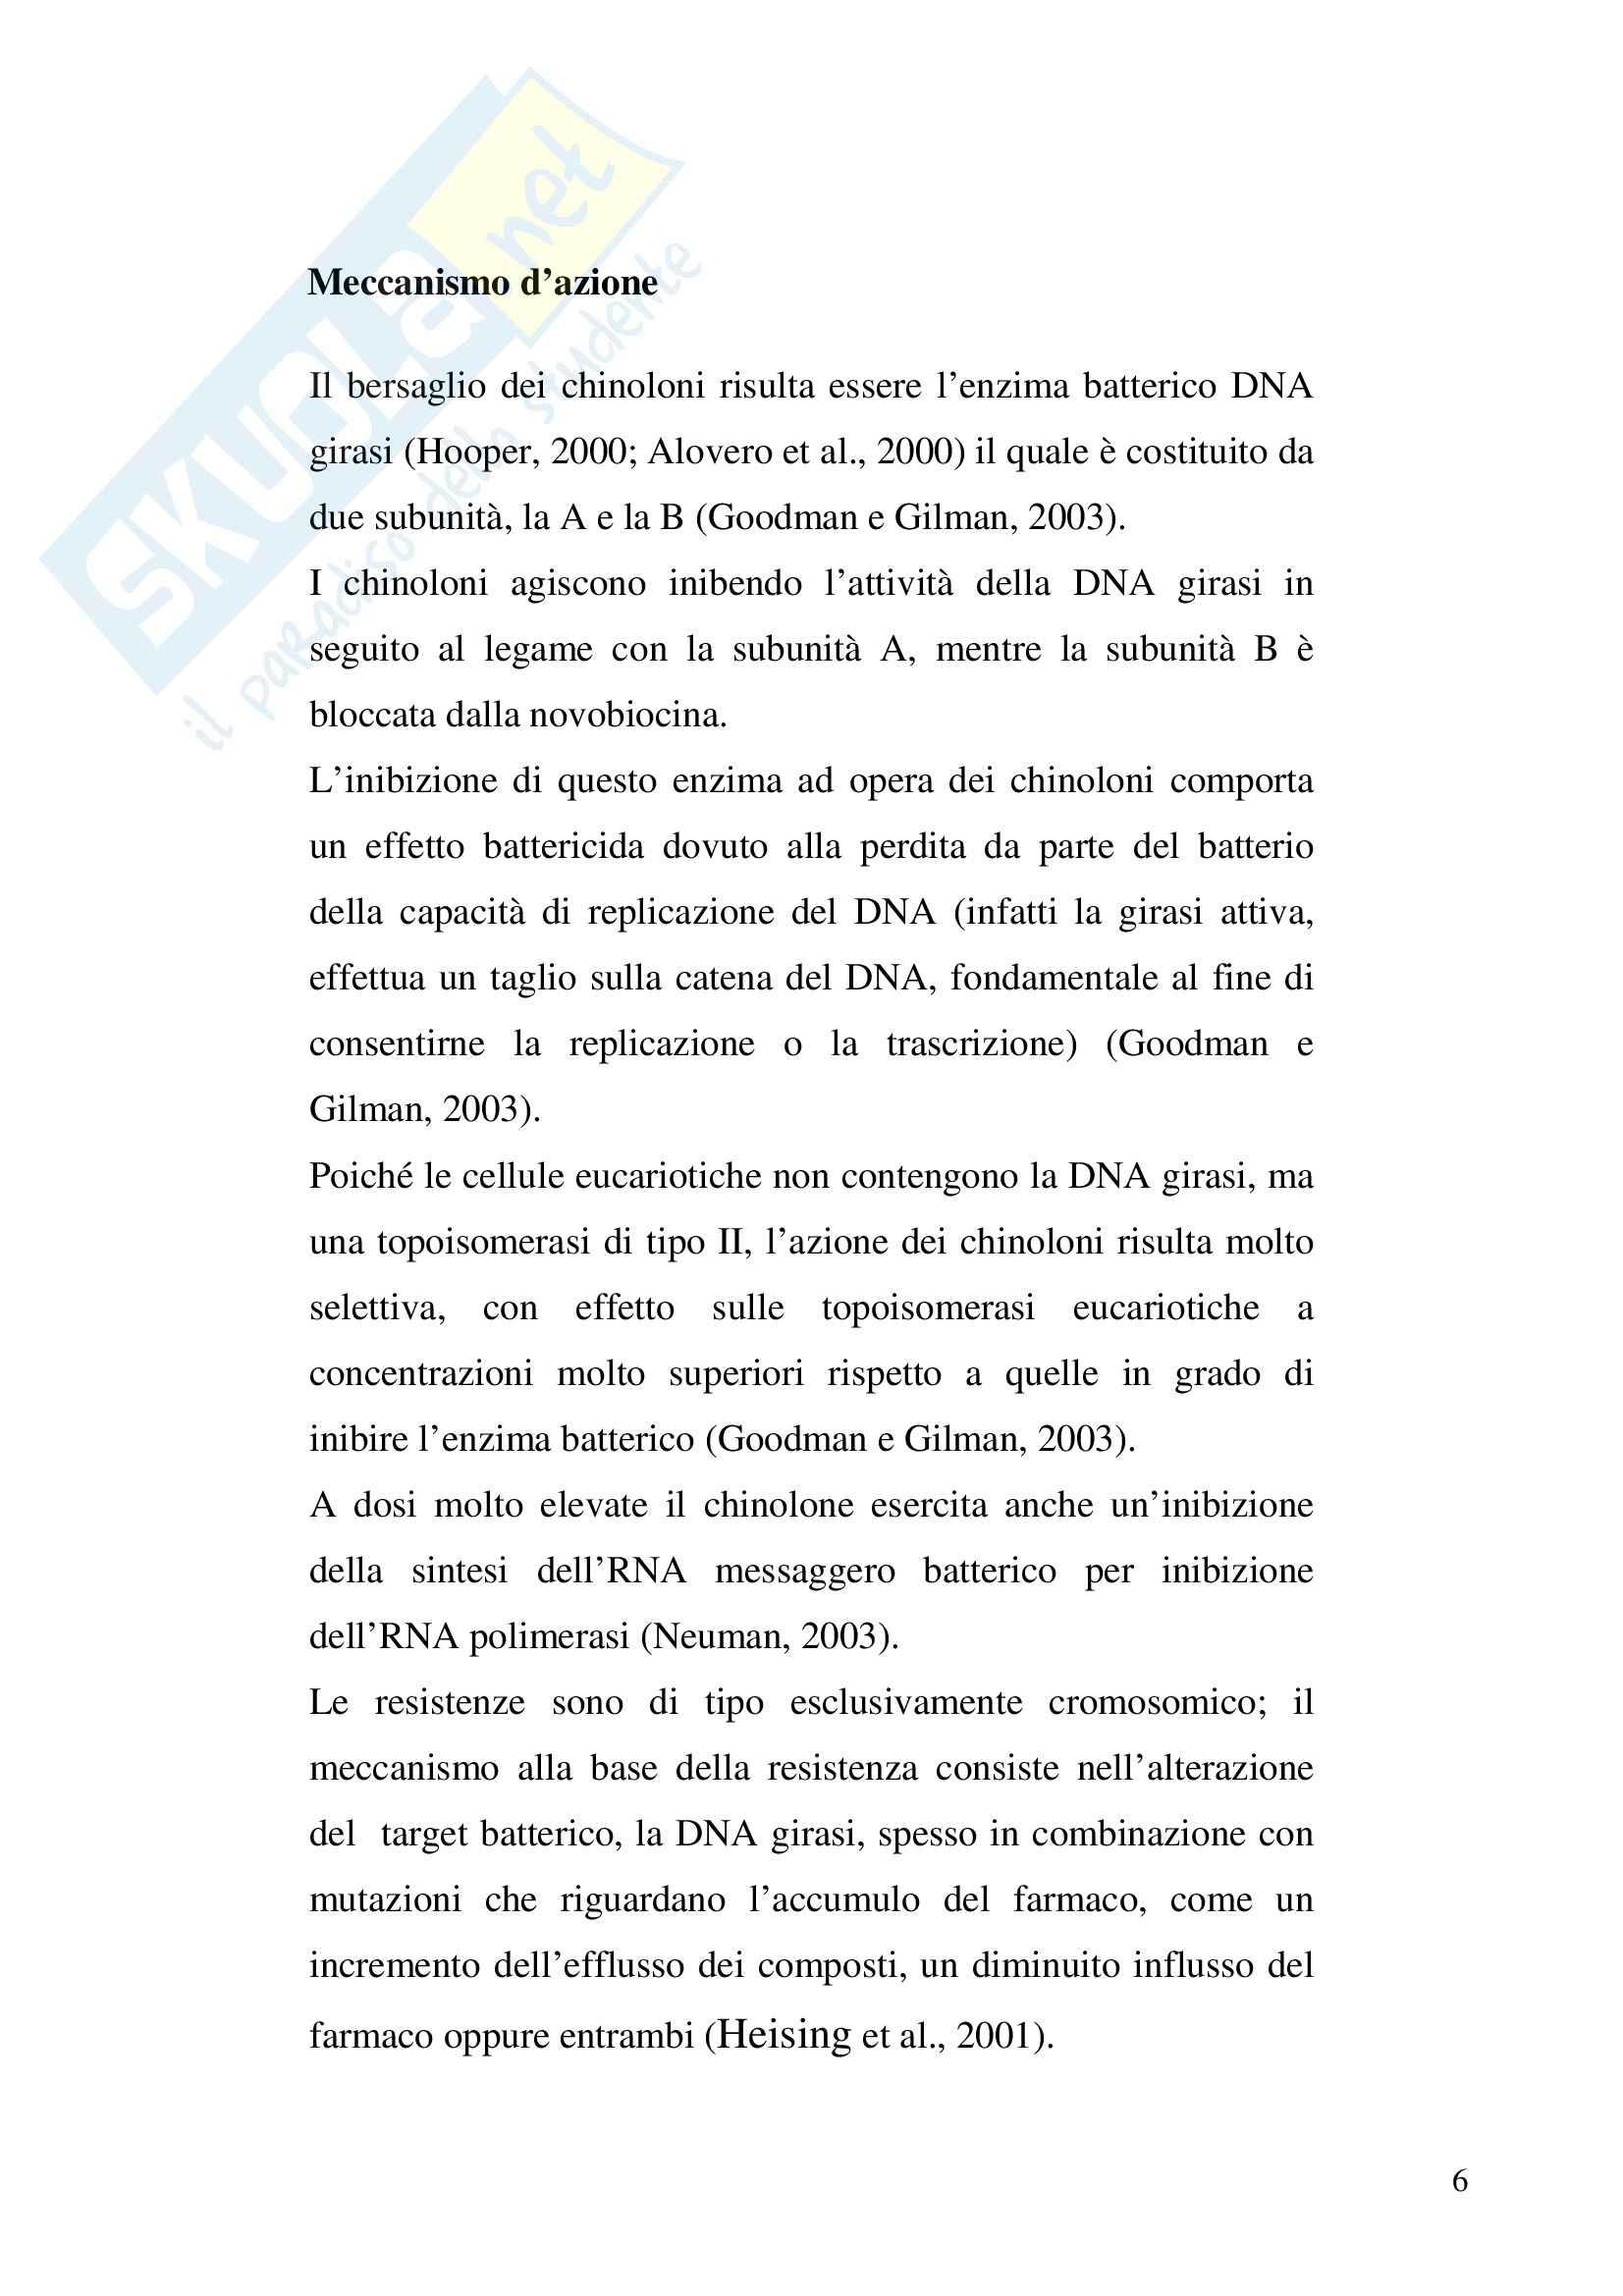 Chimica farmaceutica -  chinoloni Pag. 6